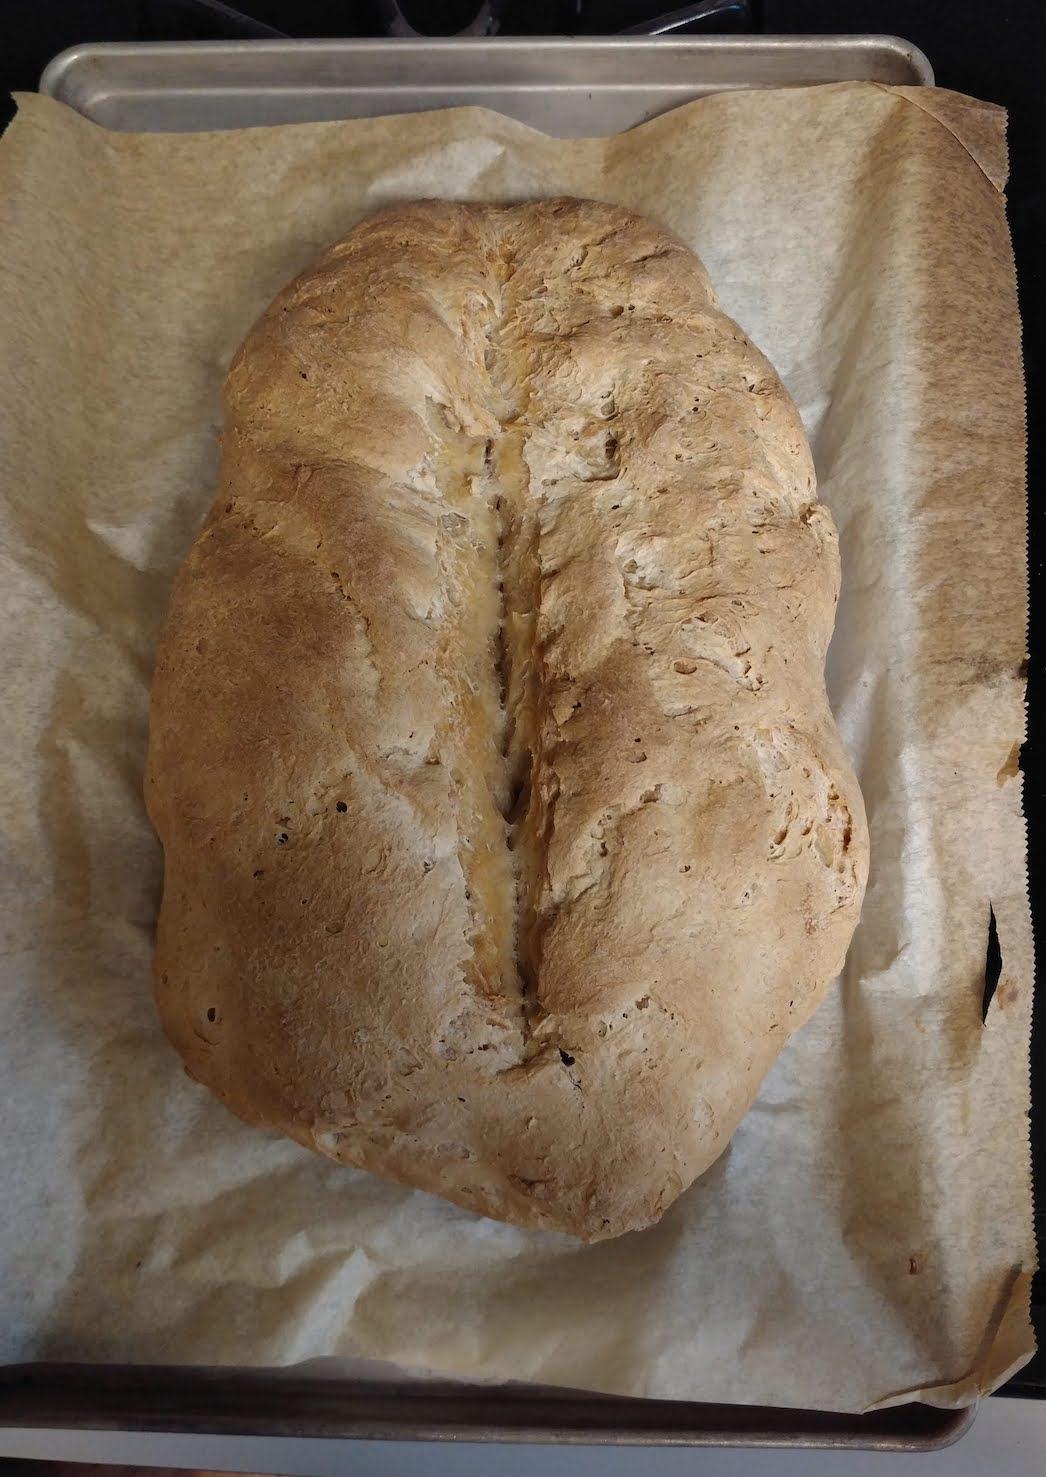 light-colored loaf